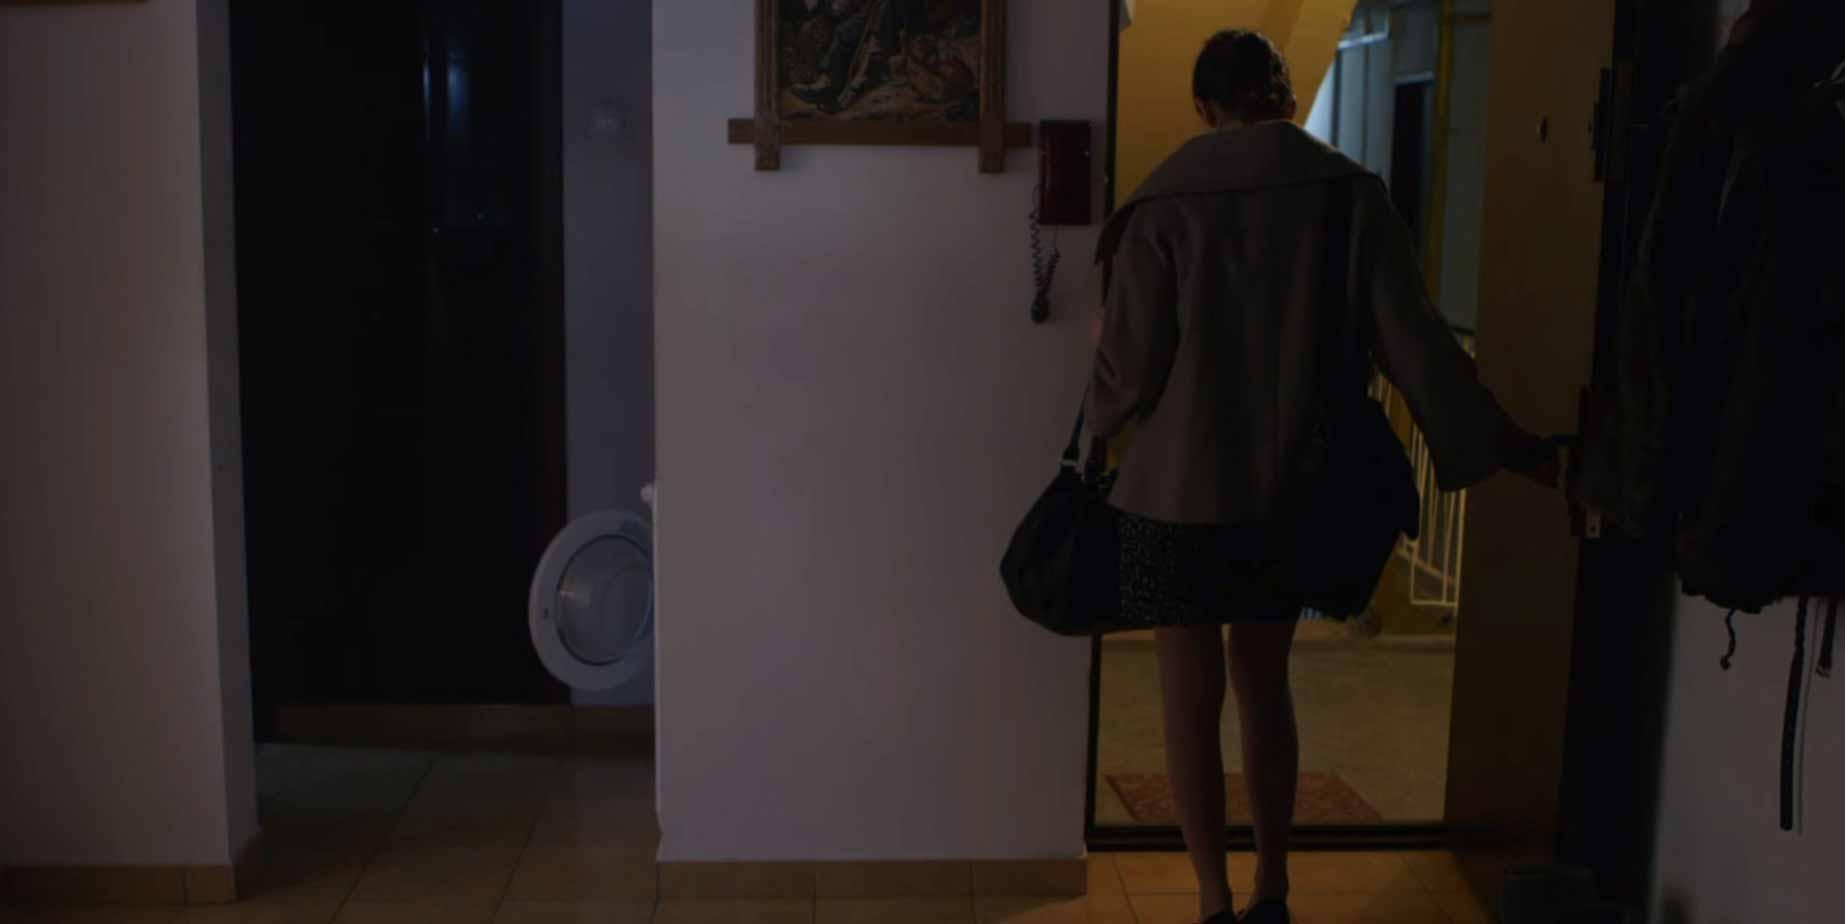 În care eroina se ascunde și apoi are parte de o întâlnire neașteptată - Tudor Cristian Jurgiu